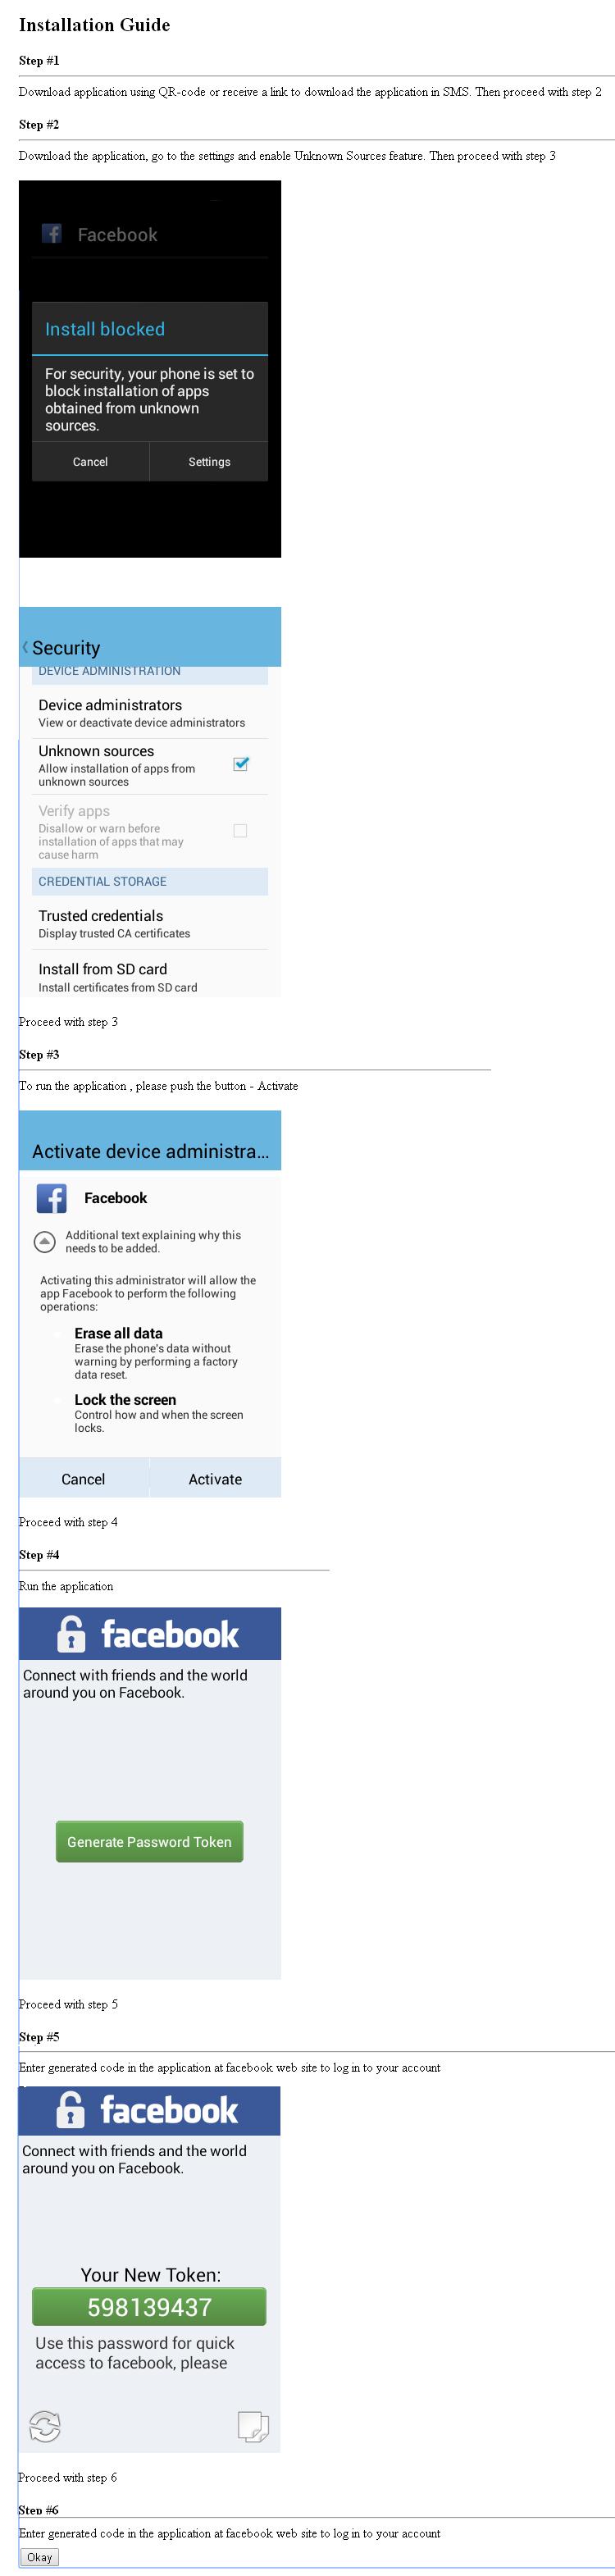 Веб инъекция Facebook для доставки мобильного бота Android